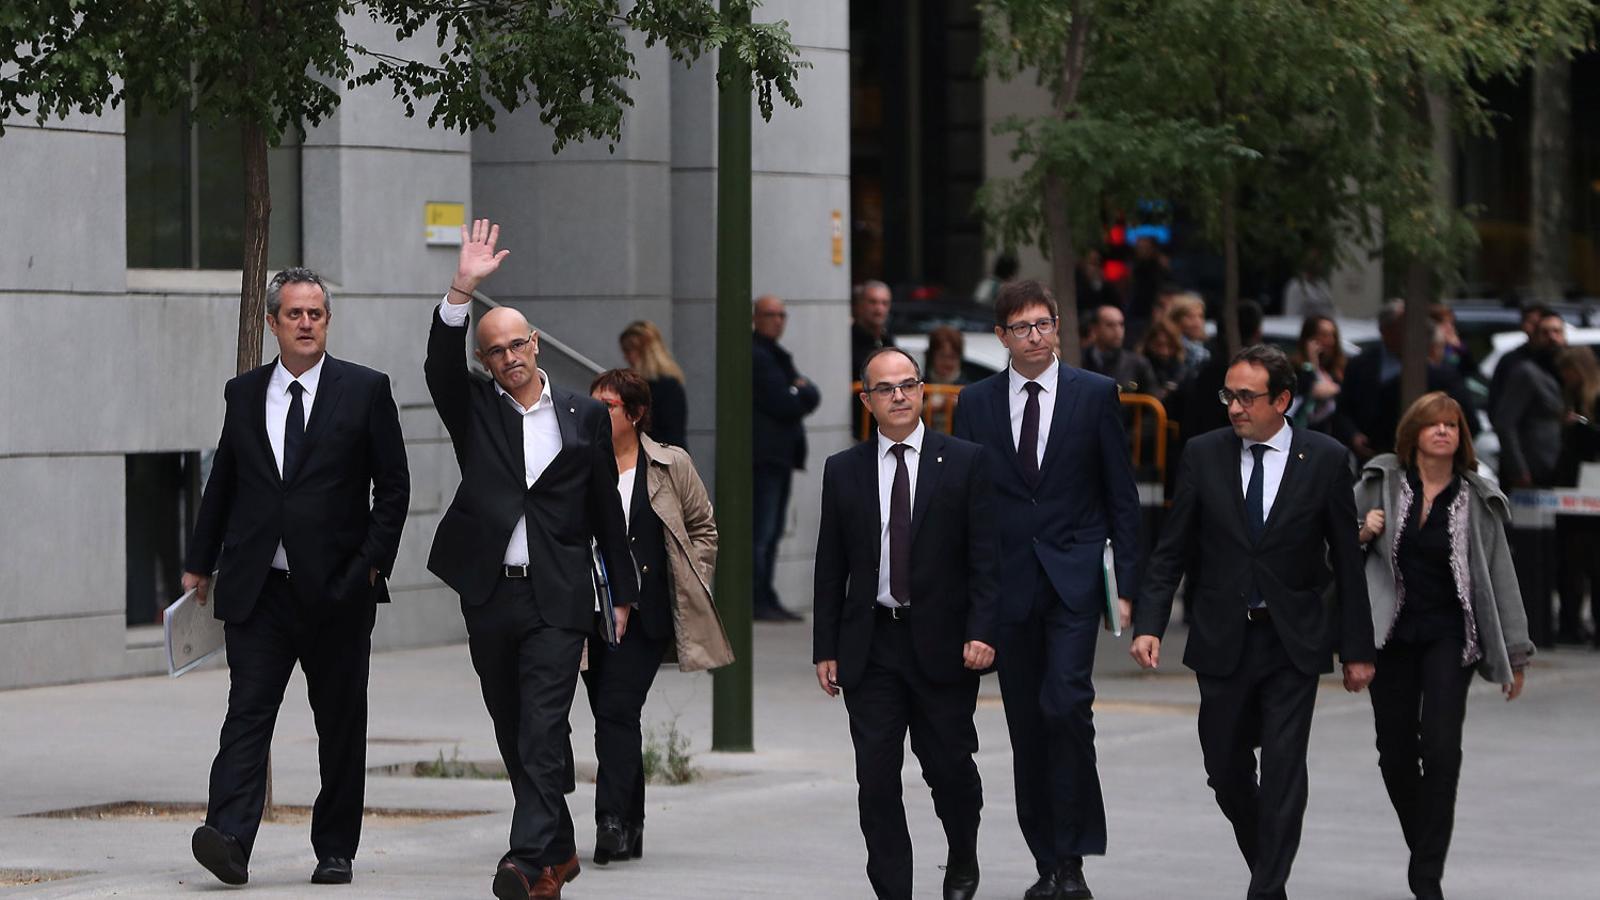 Els consellers d'ERC prometen al Suprem que apostaran pel diàleg